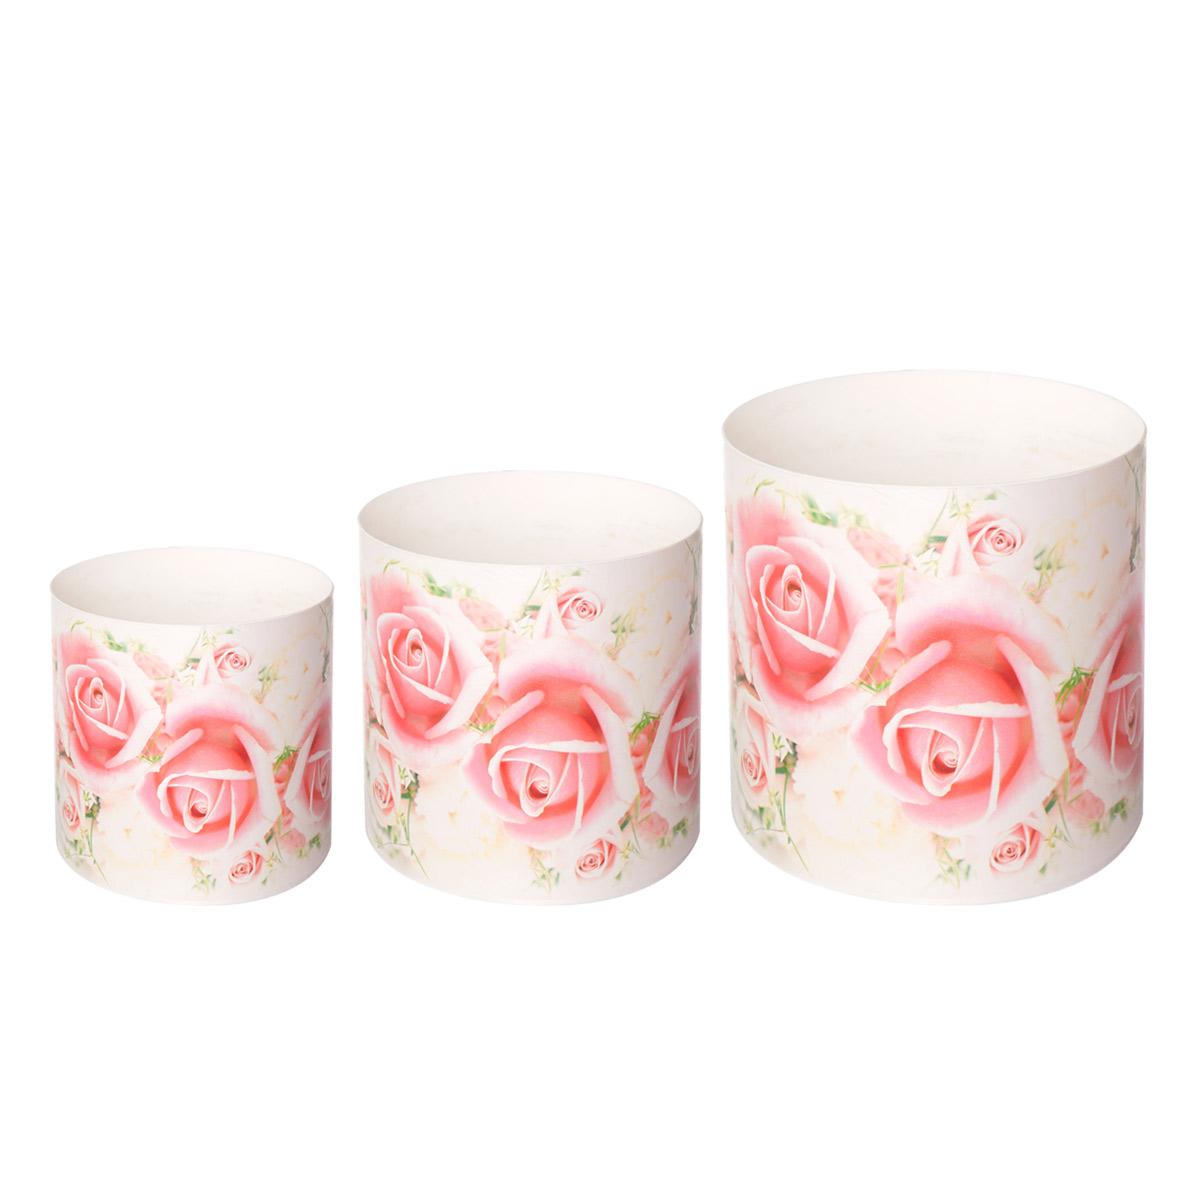 Набор горшков для цветов Miolla Miolla Розы со скрытым поддоном, 2 предметаZ-0307Набор горшочков Miolla c 3D рисунком. Хорошо будут смотреться как основа для топиариев и флористических композиций. А так же замечательно для комнатных цветов.